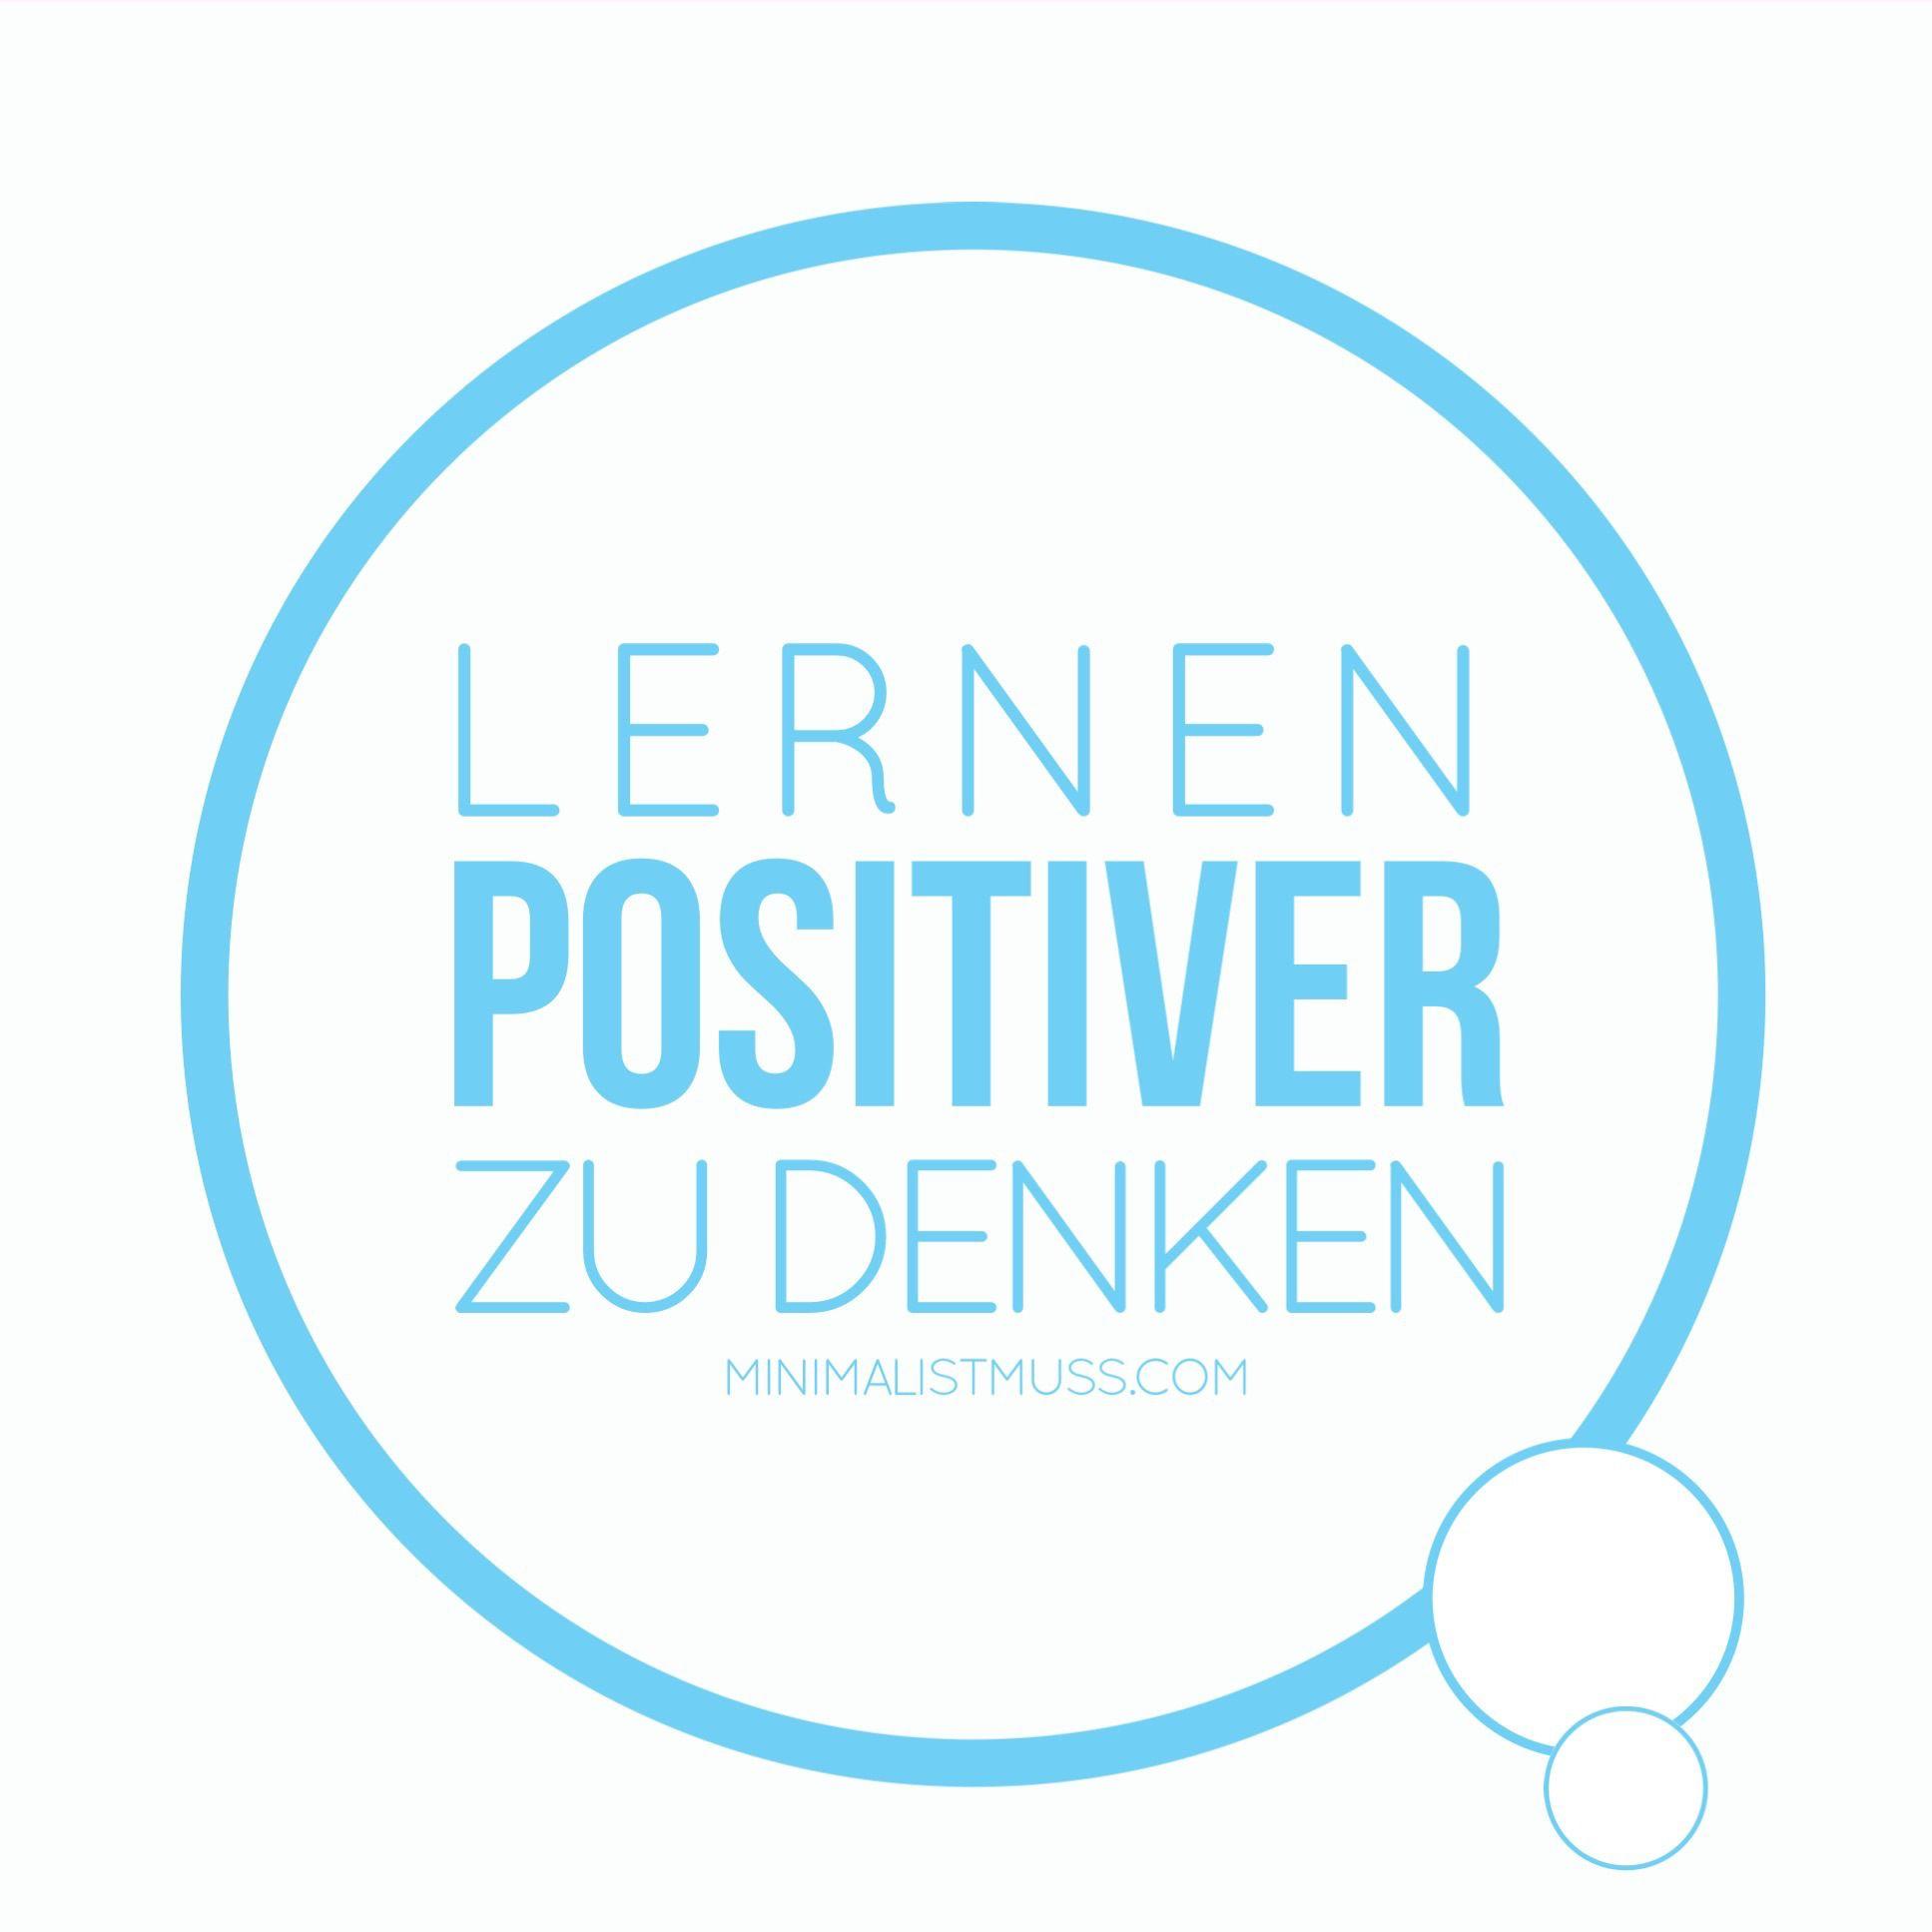 Lernen positiver zu denken.